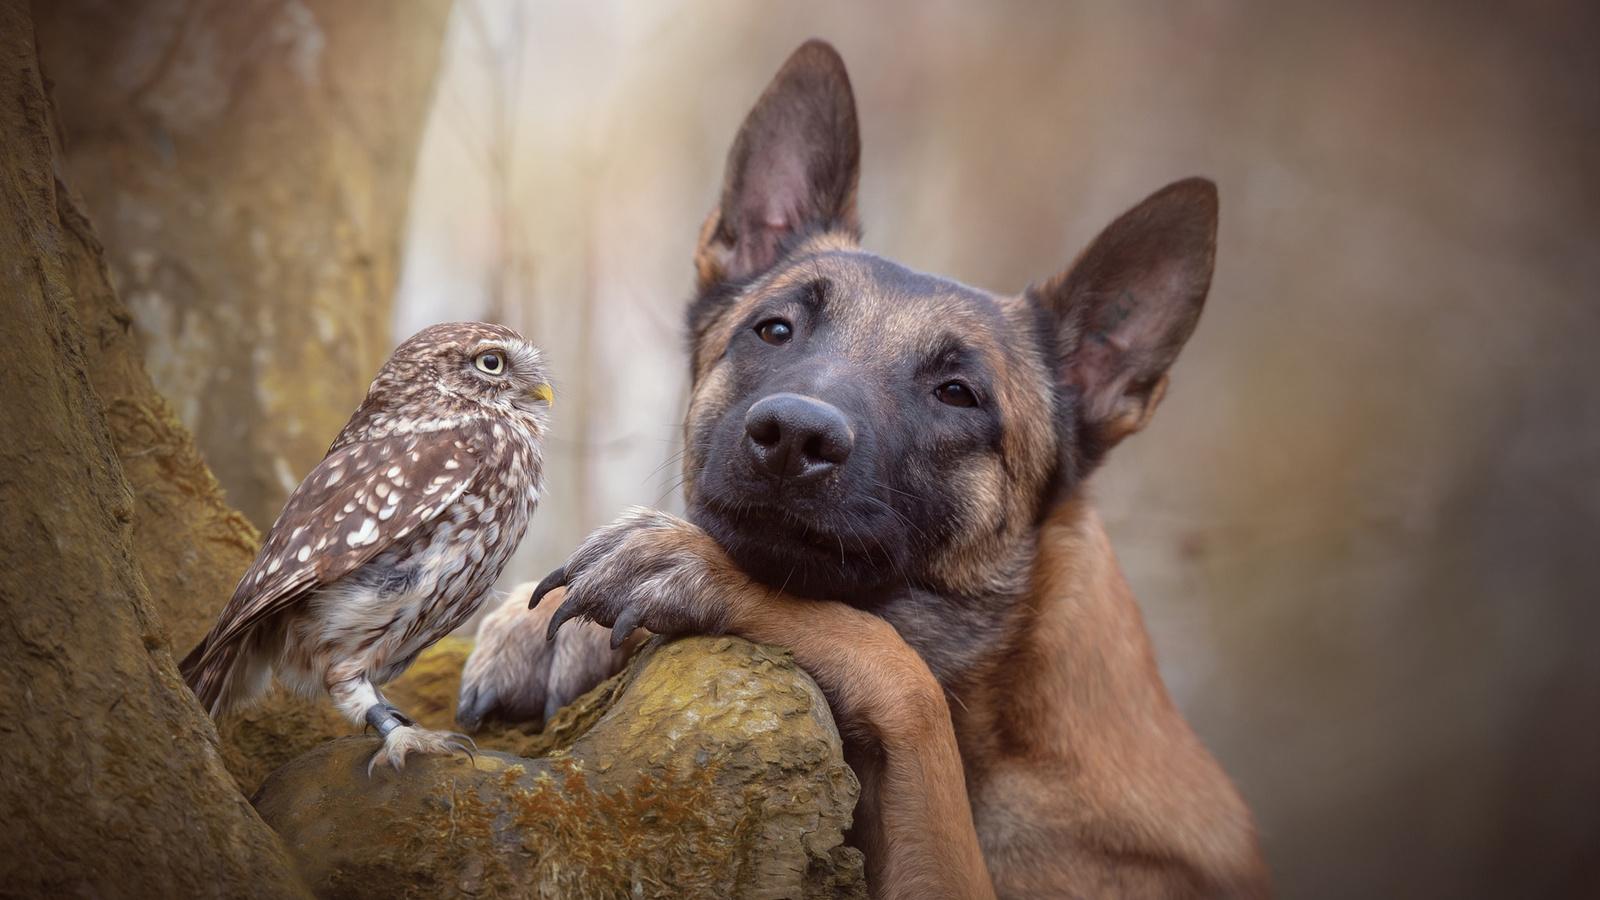 Тему новогодняя, прикольные картинки животных друзей